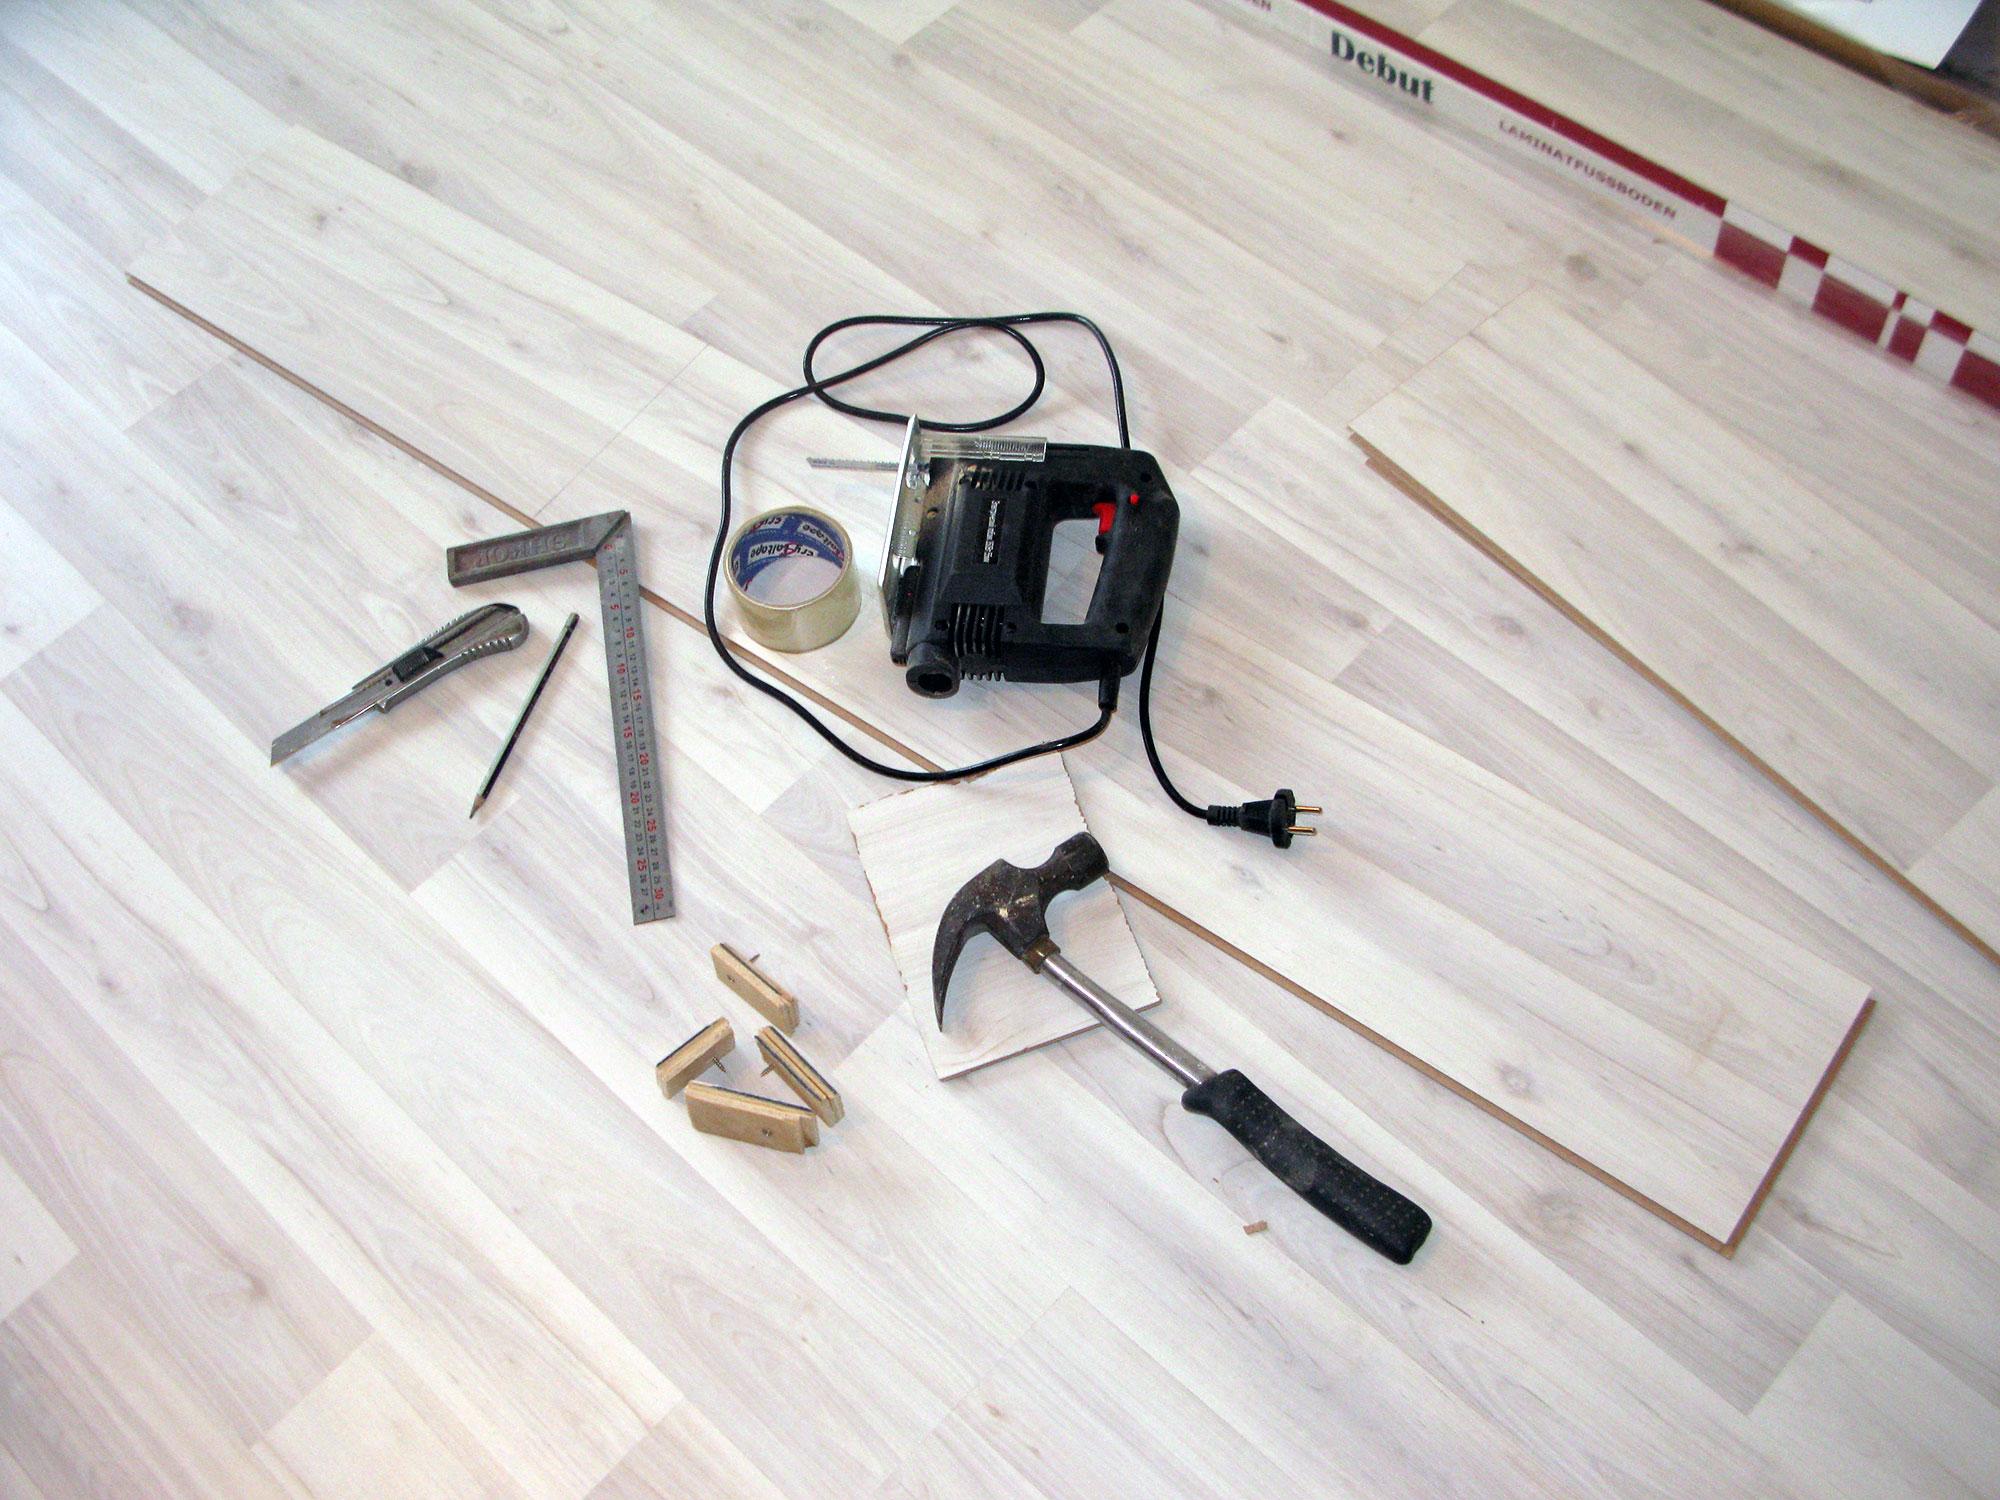 Фото: Основной инструмент для настила ламината